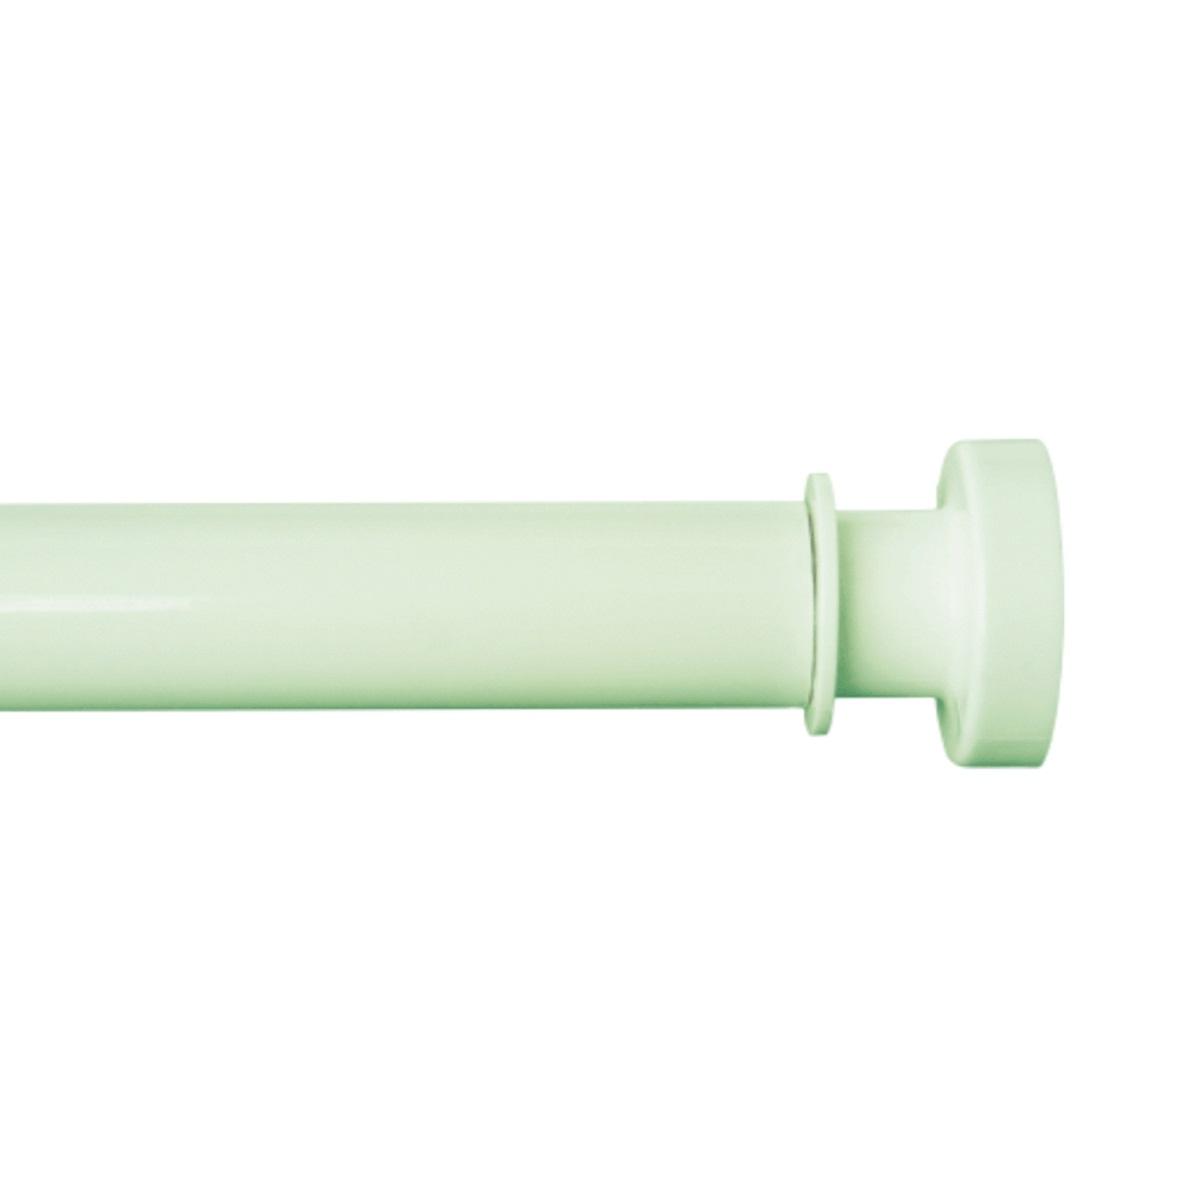 Карниз для ванной Iddis, телескопический, цвет: зеленый, длина 110-200 см012A200I14Карниз Iddis изготовлен из алюминия. Наконечники из АВS -пластика на концах карниза позволяют надежно фиксировать карниз на стене, предотвращая скольжение и повреждение стен в ванной. Благодаря телескопическому механизму карниз можно раздвигать на ширину от 110 до 200 см.Диаметр трубки: 28 мм.